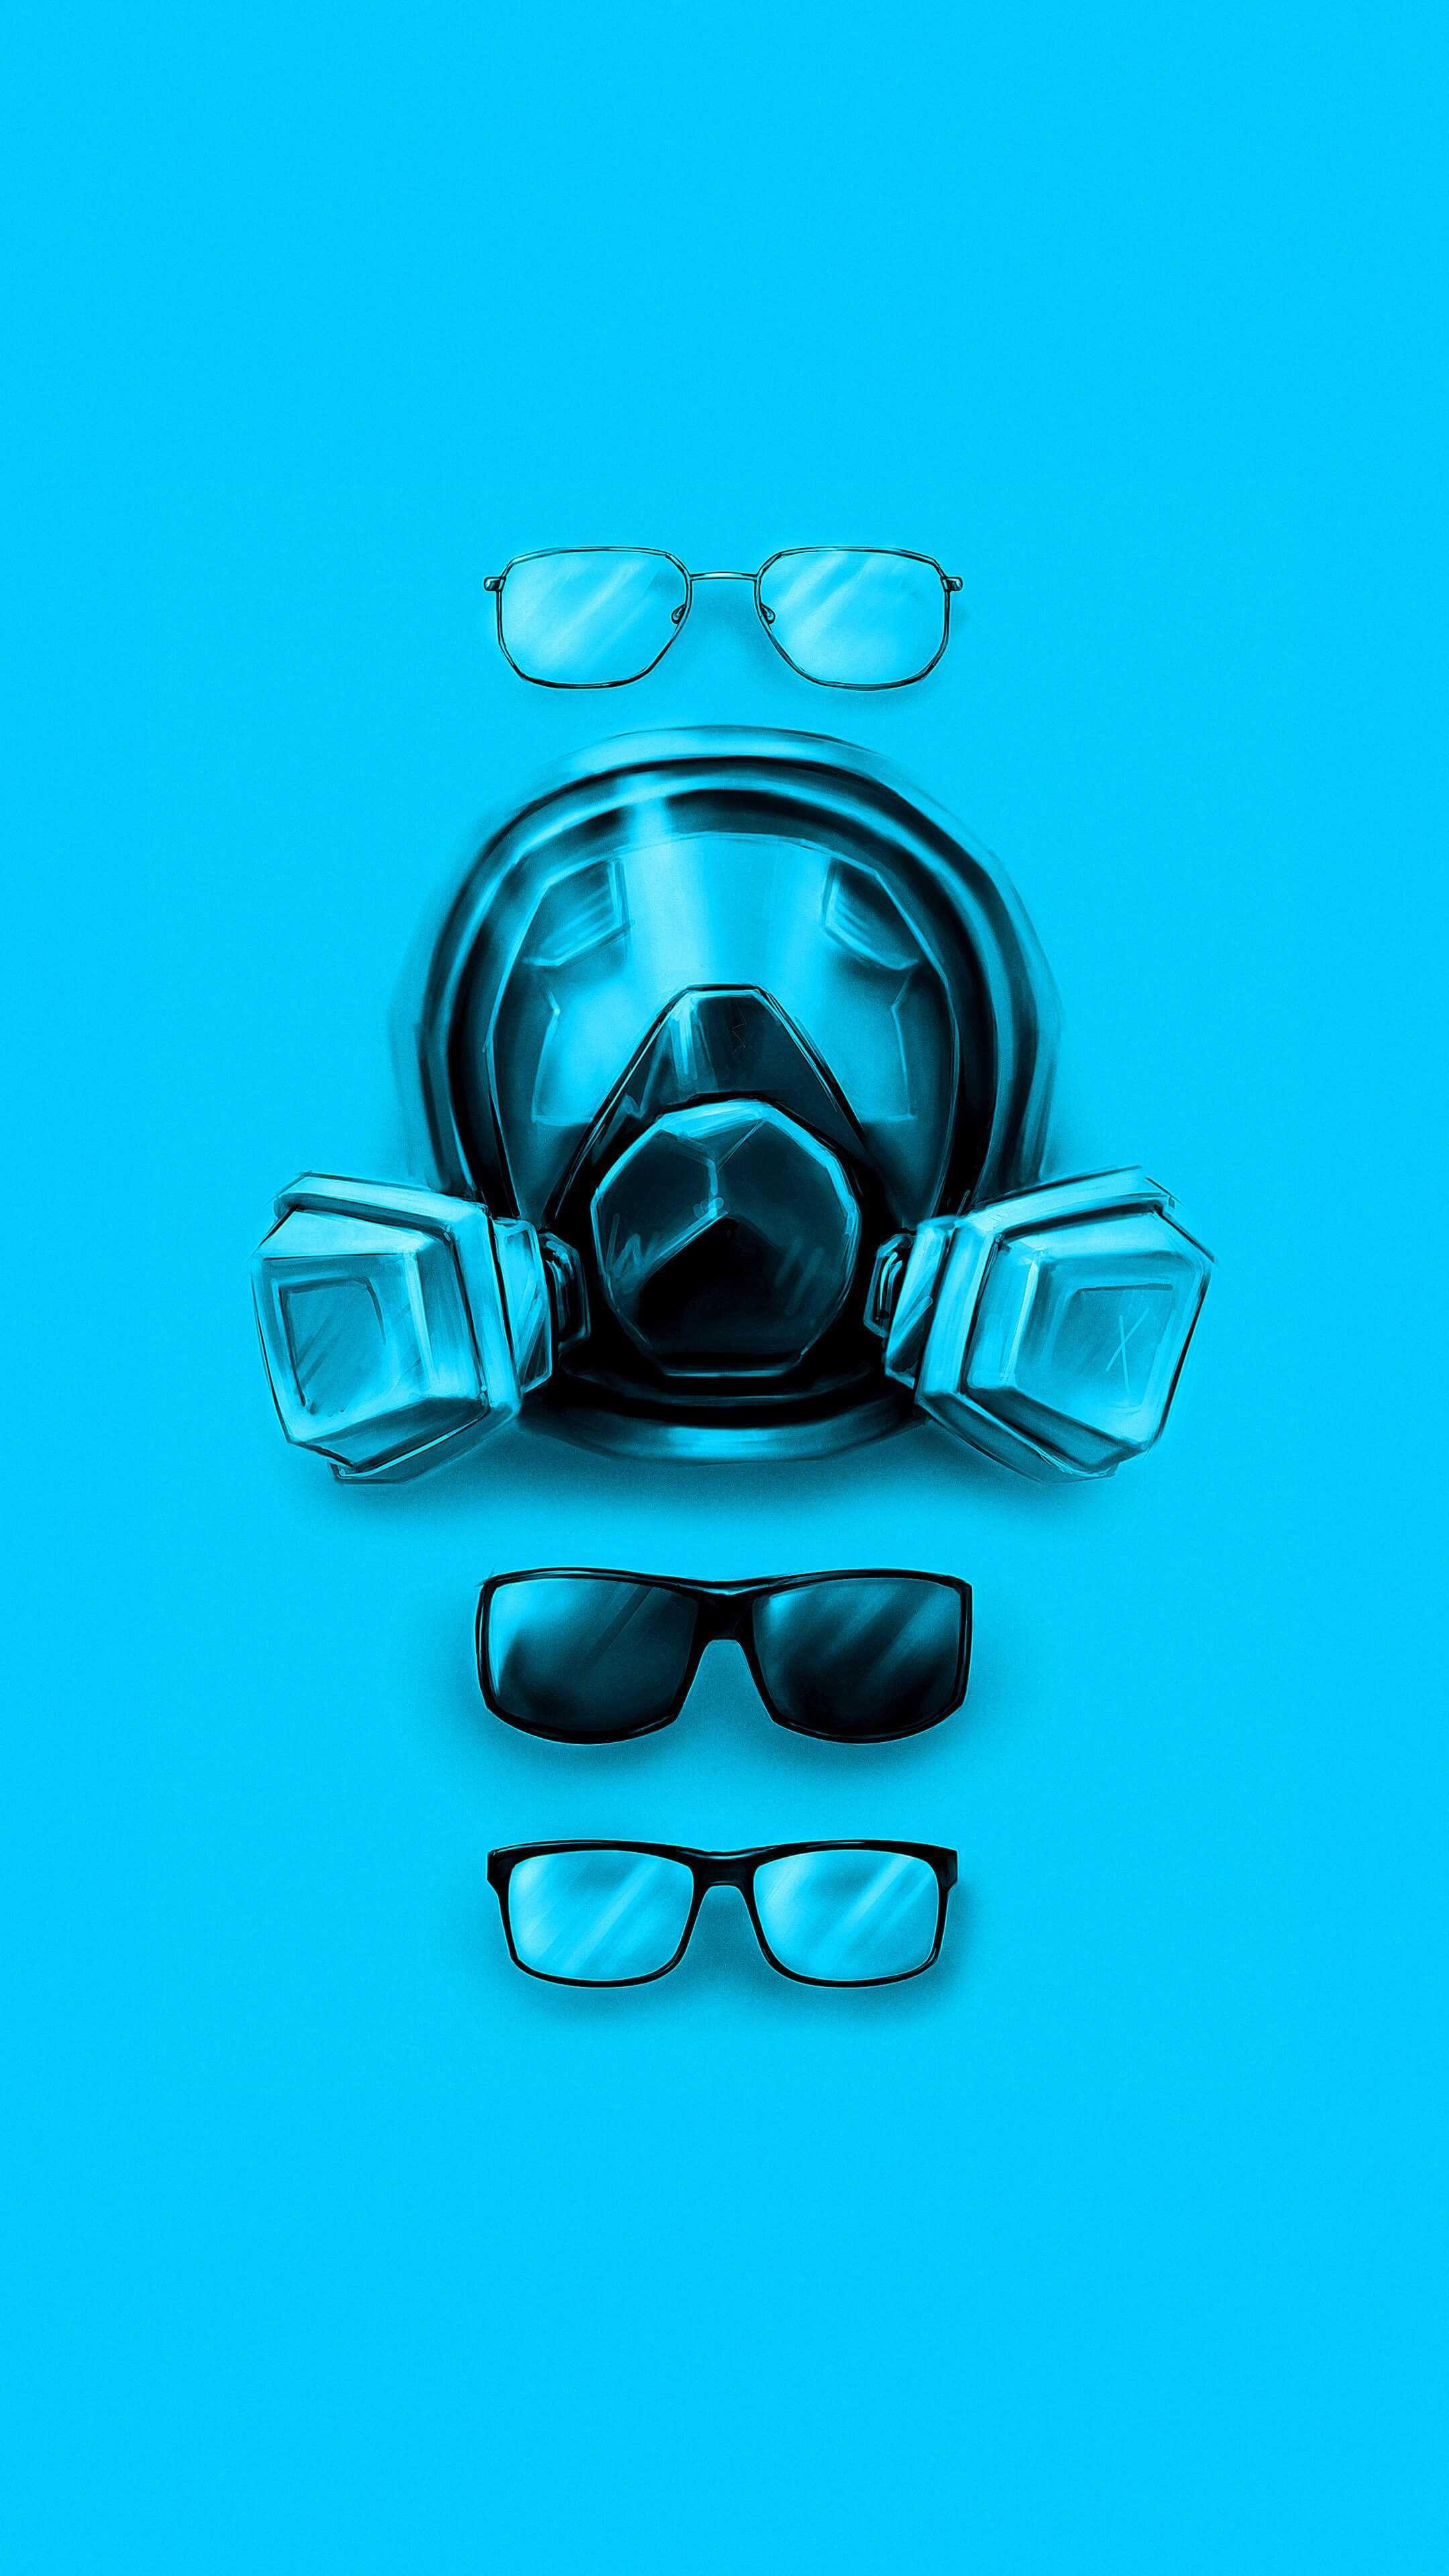 Walter White Glasses Evolution Breaking Bad Iphone Wallpaper Breaking Bad Walter White Breaking Bad Poster